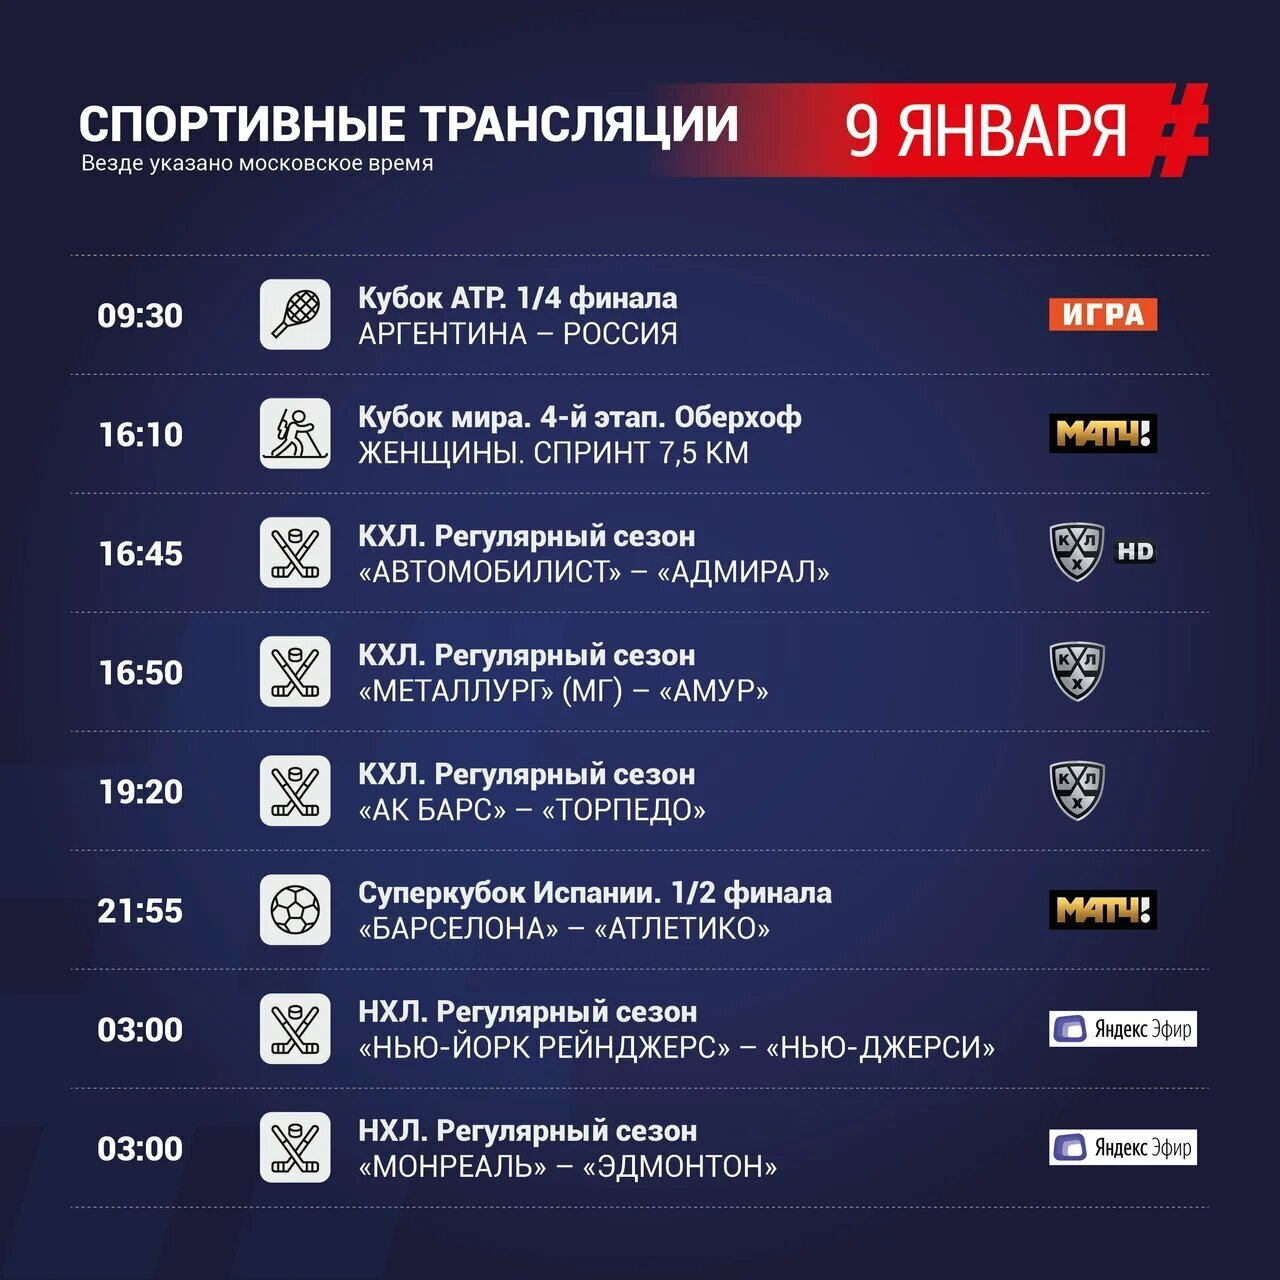 Спортивная телепрограмма Матч ТВ на 9 января